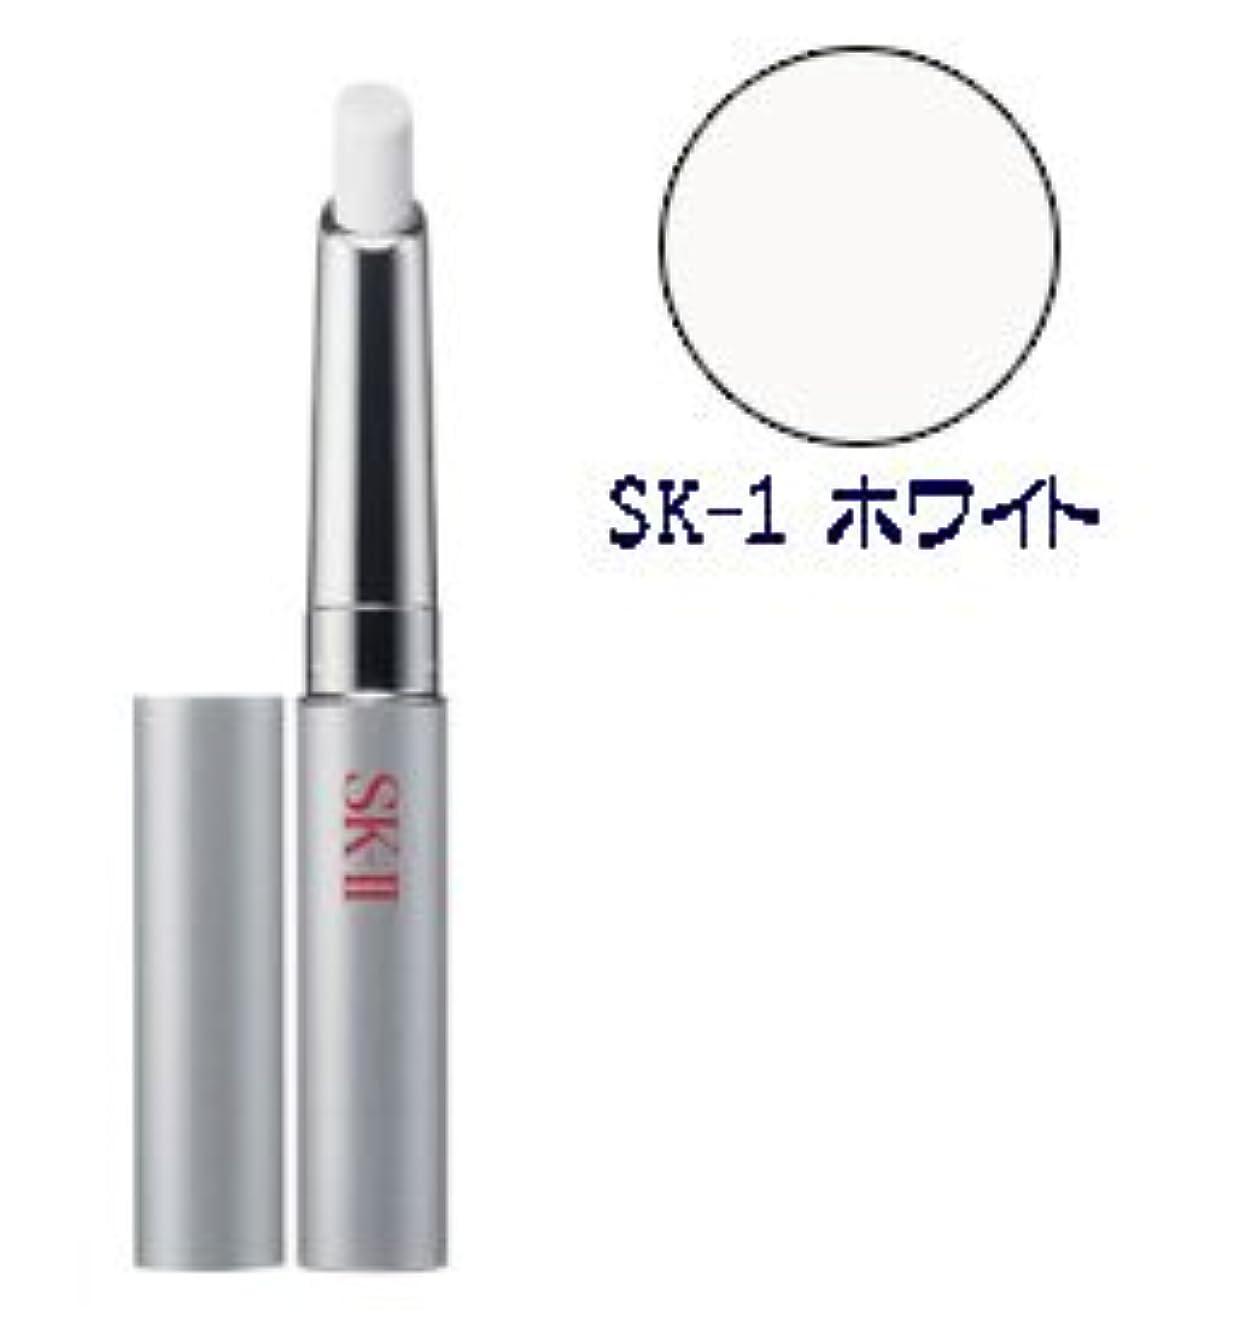 建設適応バクテリアSK-II ホワイトニングスポッツイレイス(SK-1)